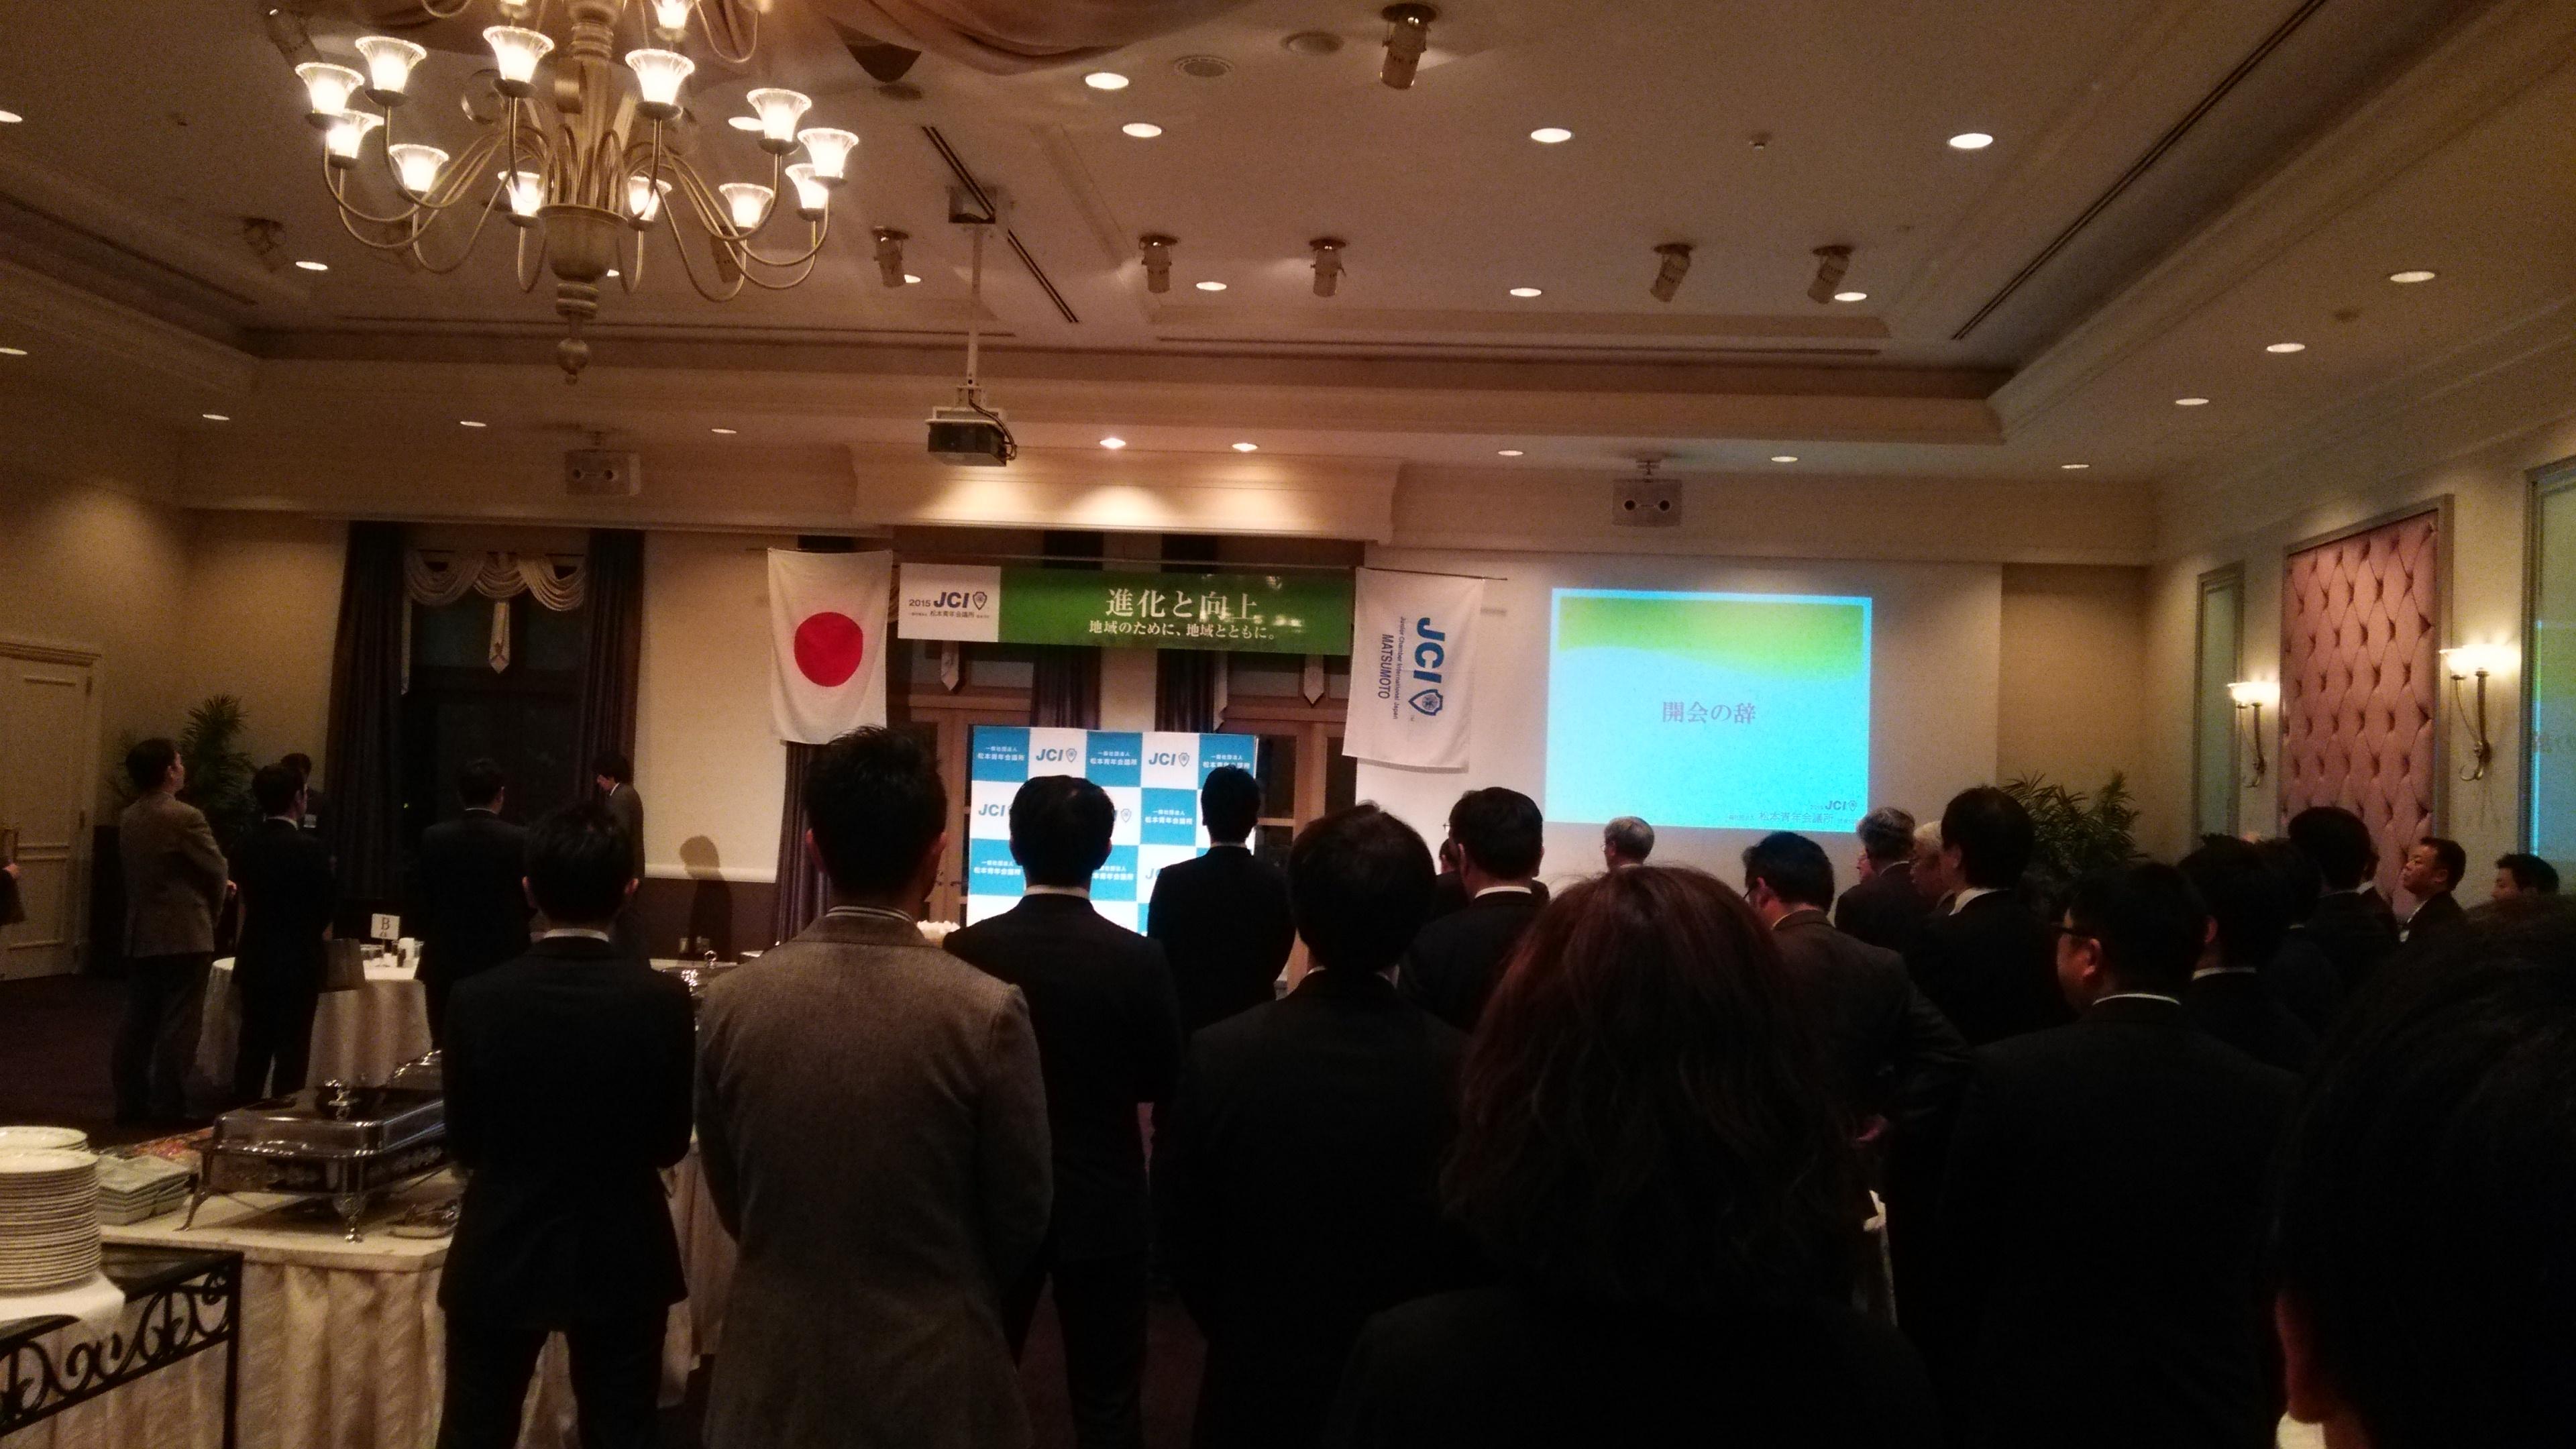 松本青年会議所新年祝賀会に参加しました。